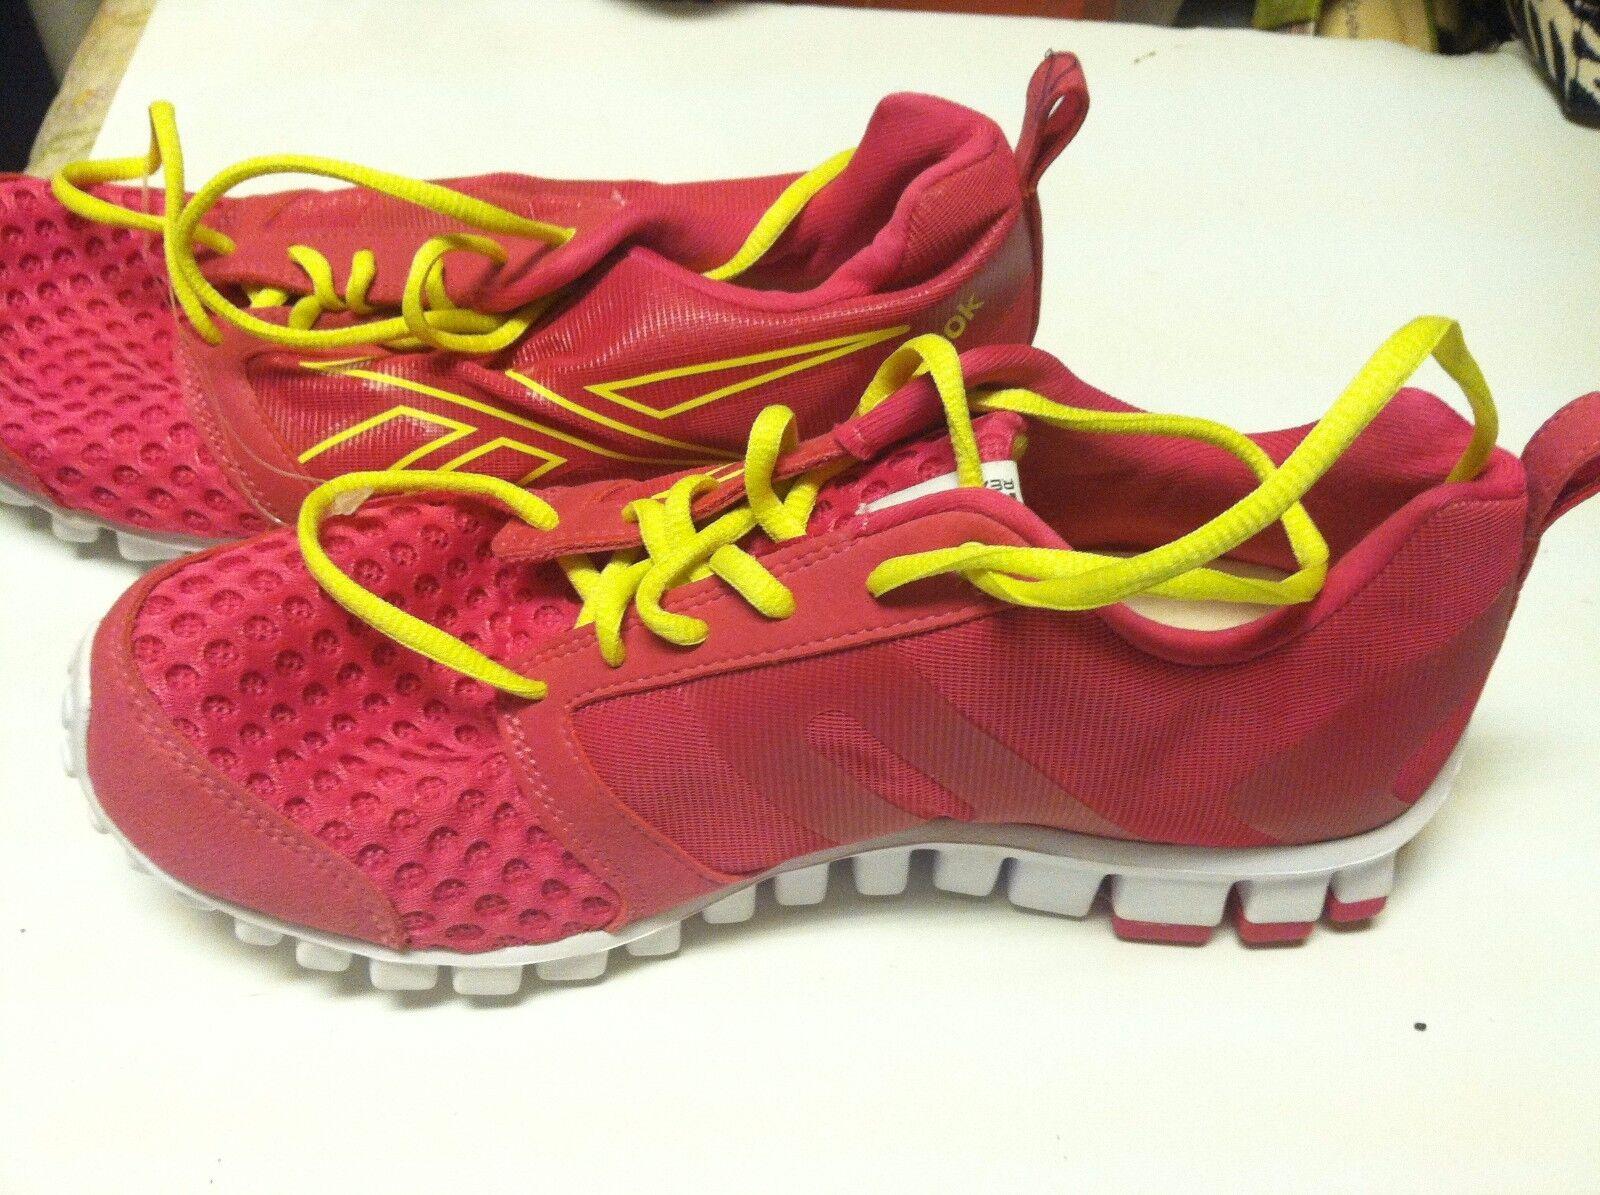 Reebok - Running scarpe scarpe scarpe da ginnastica - Leggero - rosa - Taglie 11 - Nuove senza Scatola - B | Qualità Affidabile  | Uomo/Donne Scarpa  b790b2